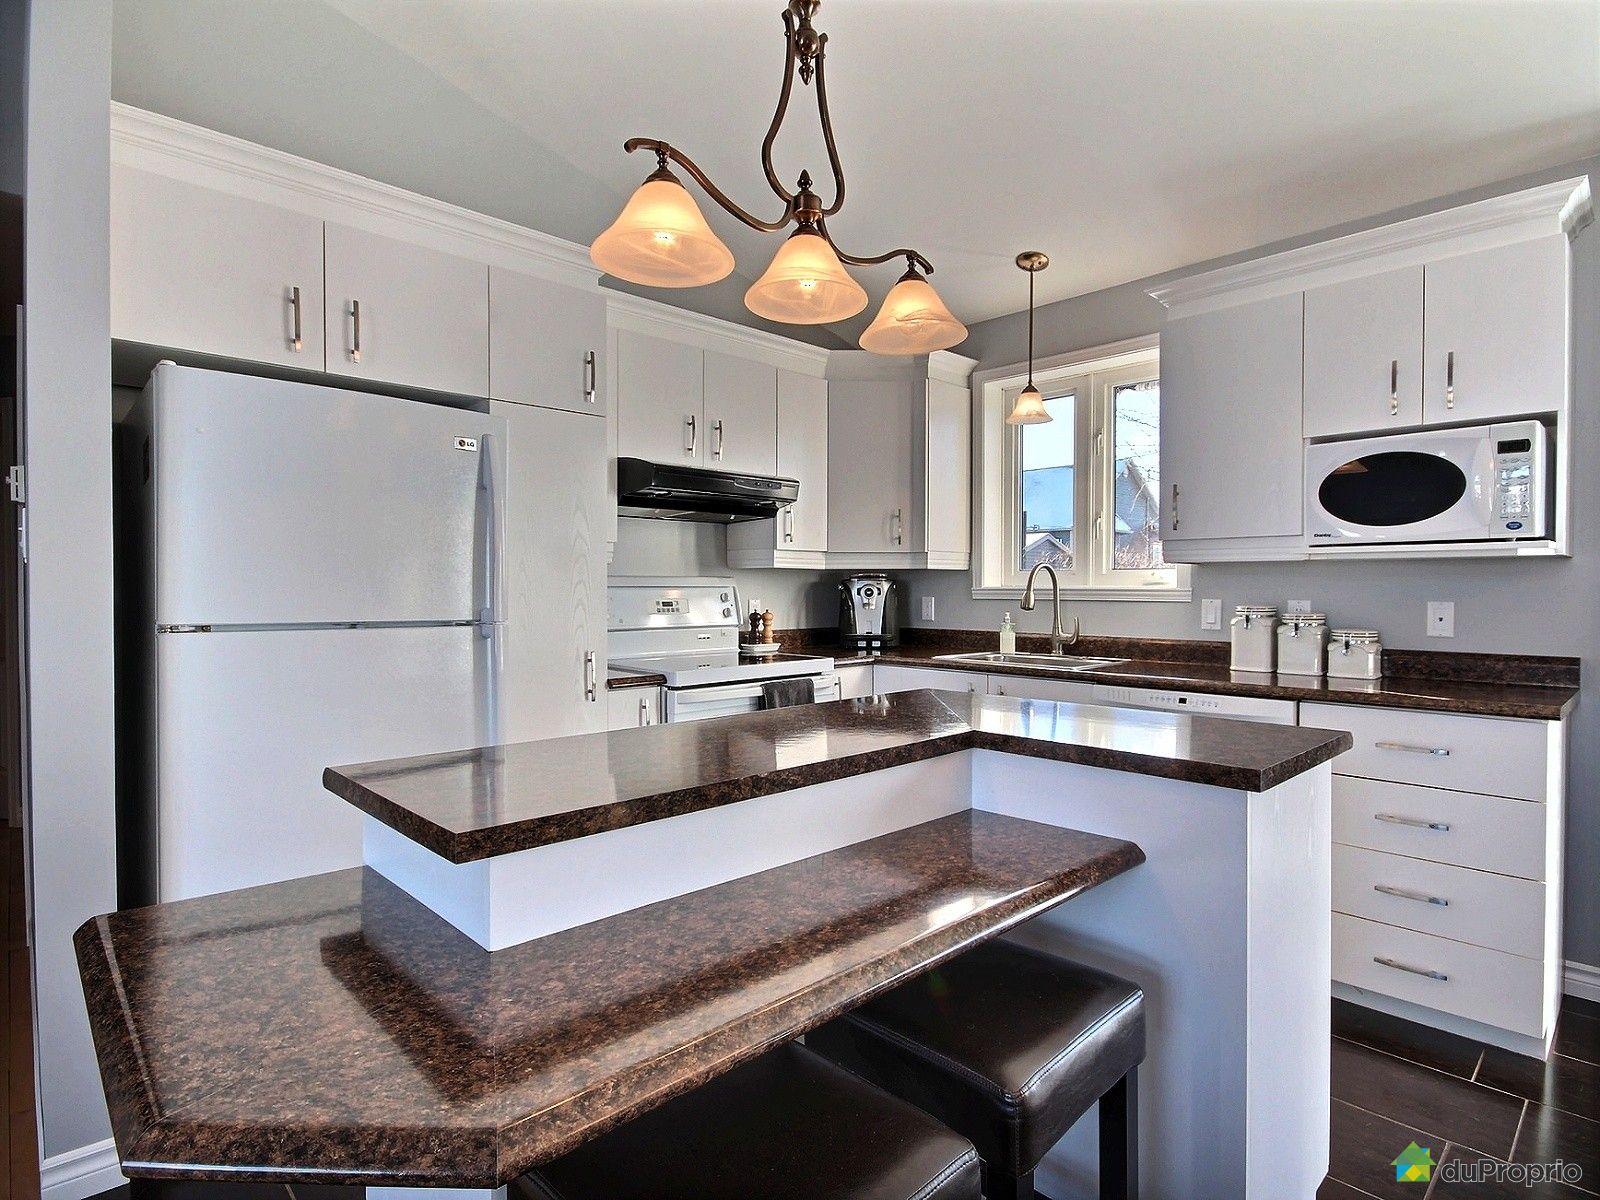 cuisine ideale sherbrooke. Black Bedroom Furniture Sets. Home Design Ideas